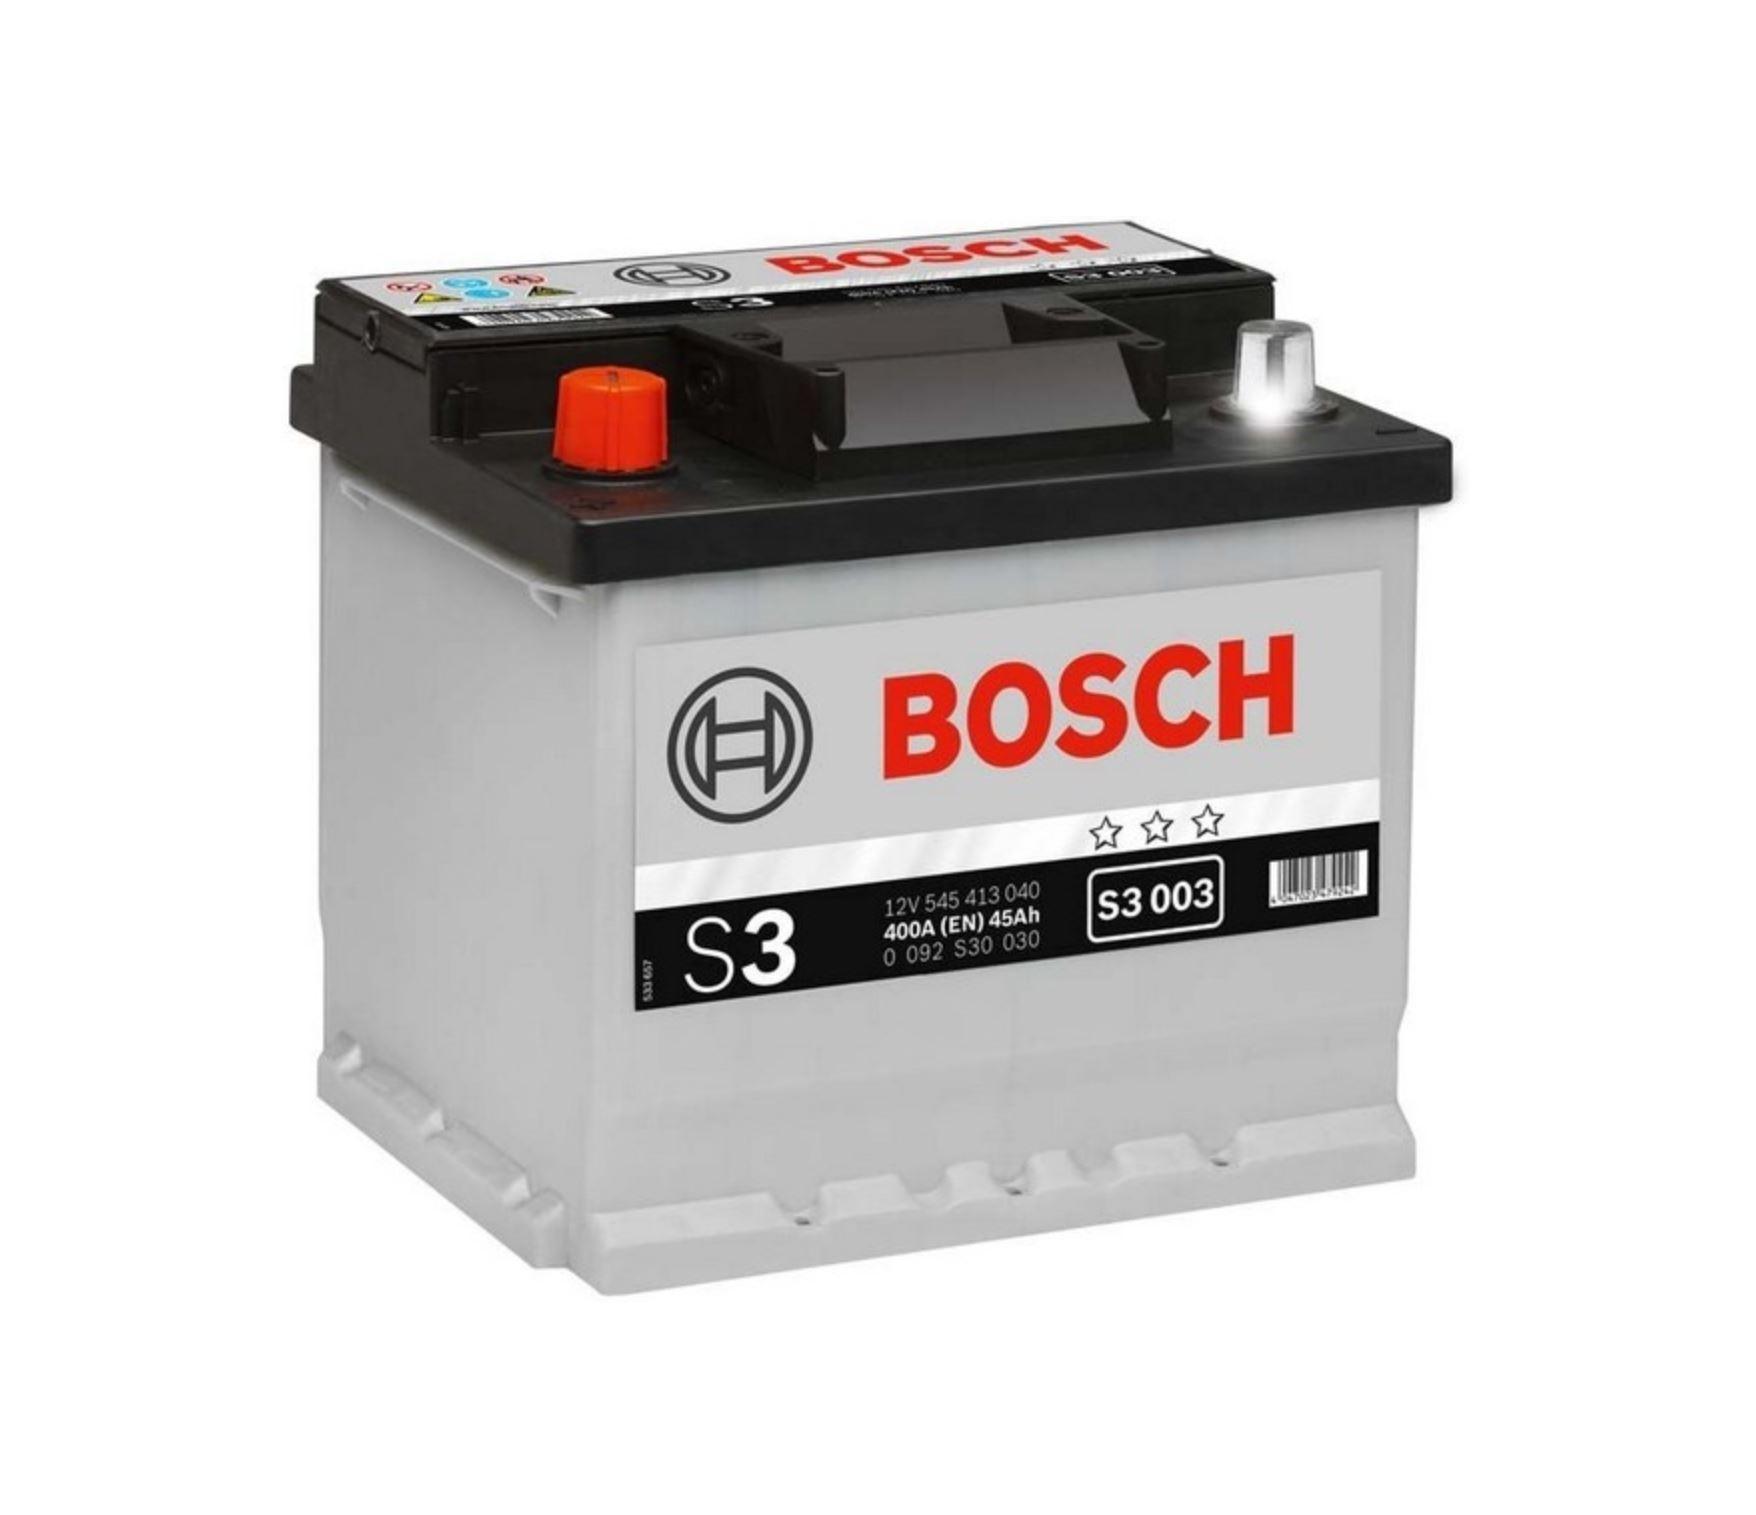 Bosch S3 12V 45Ah 400A 0 092 S30 030